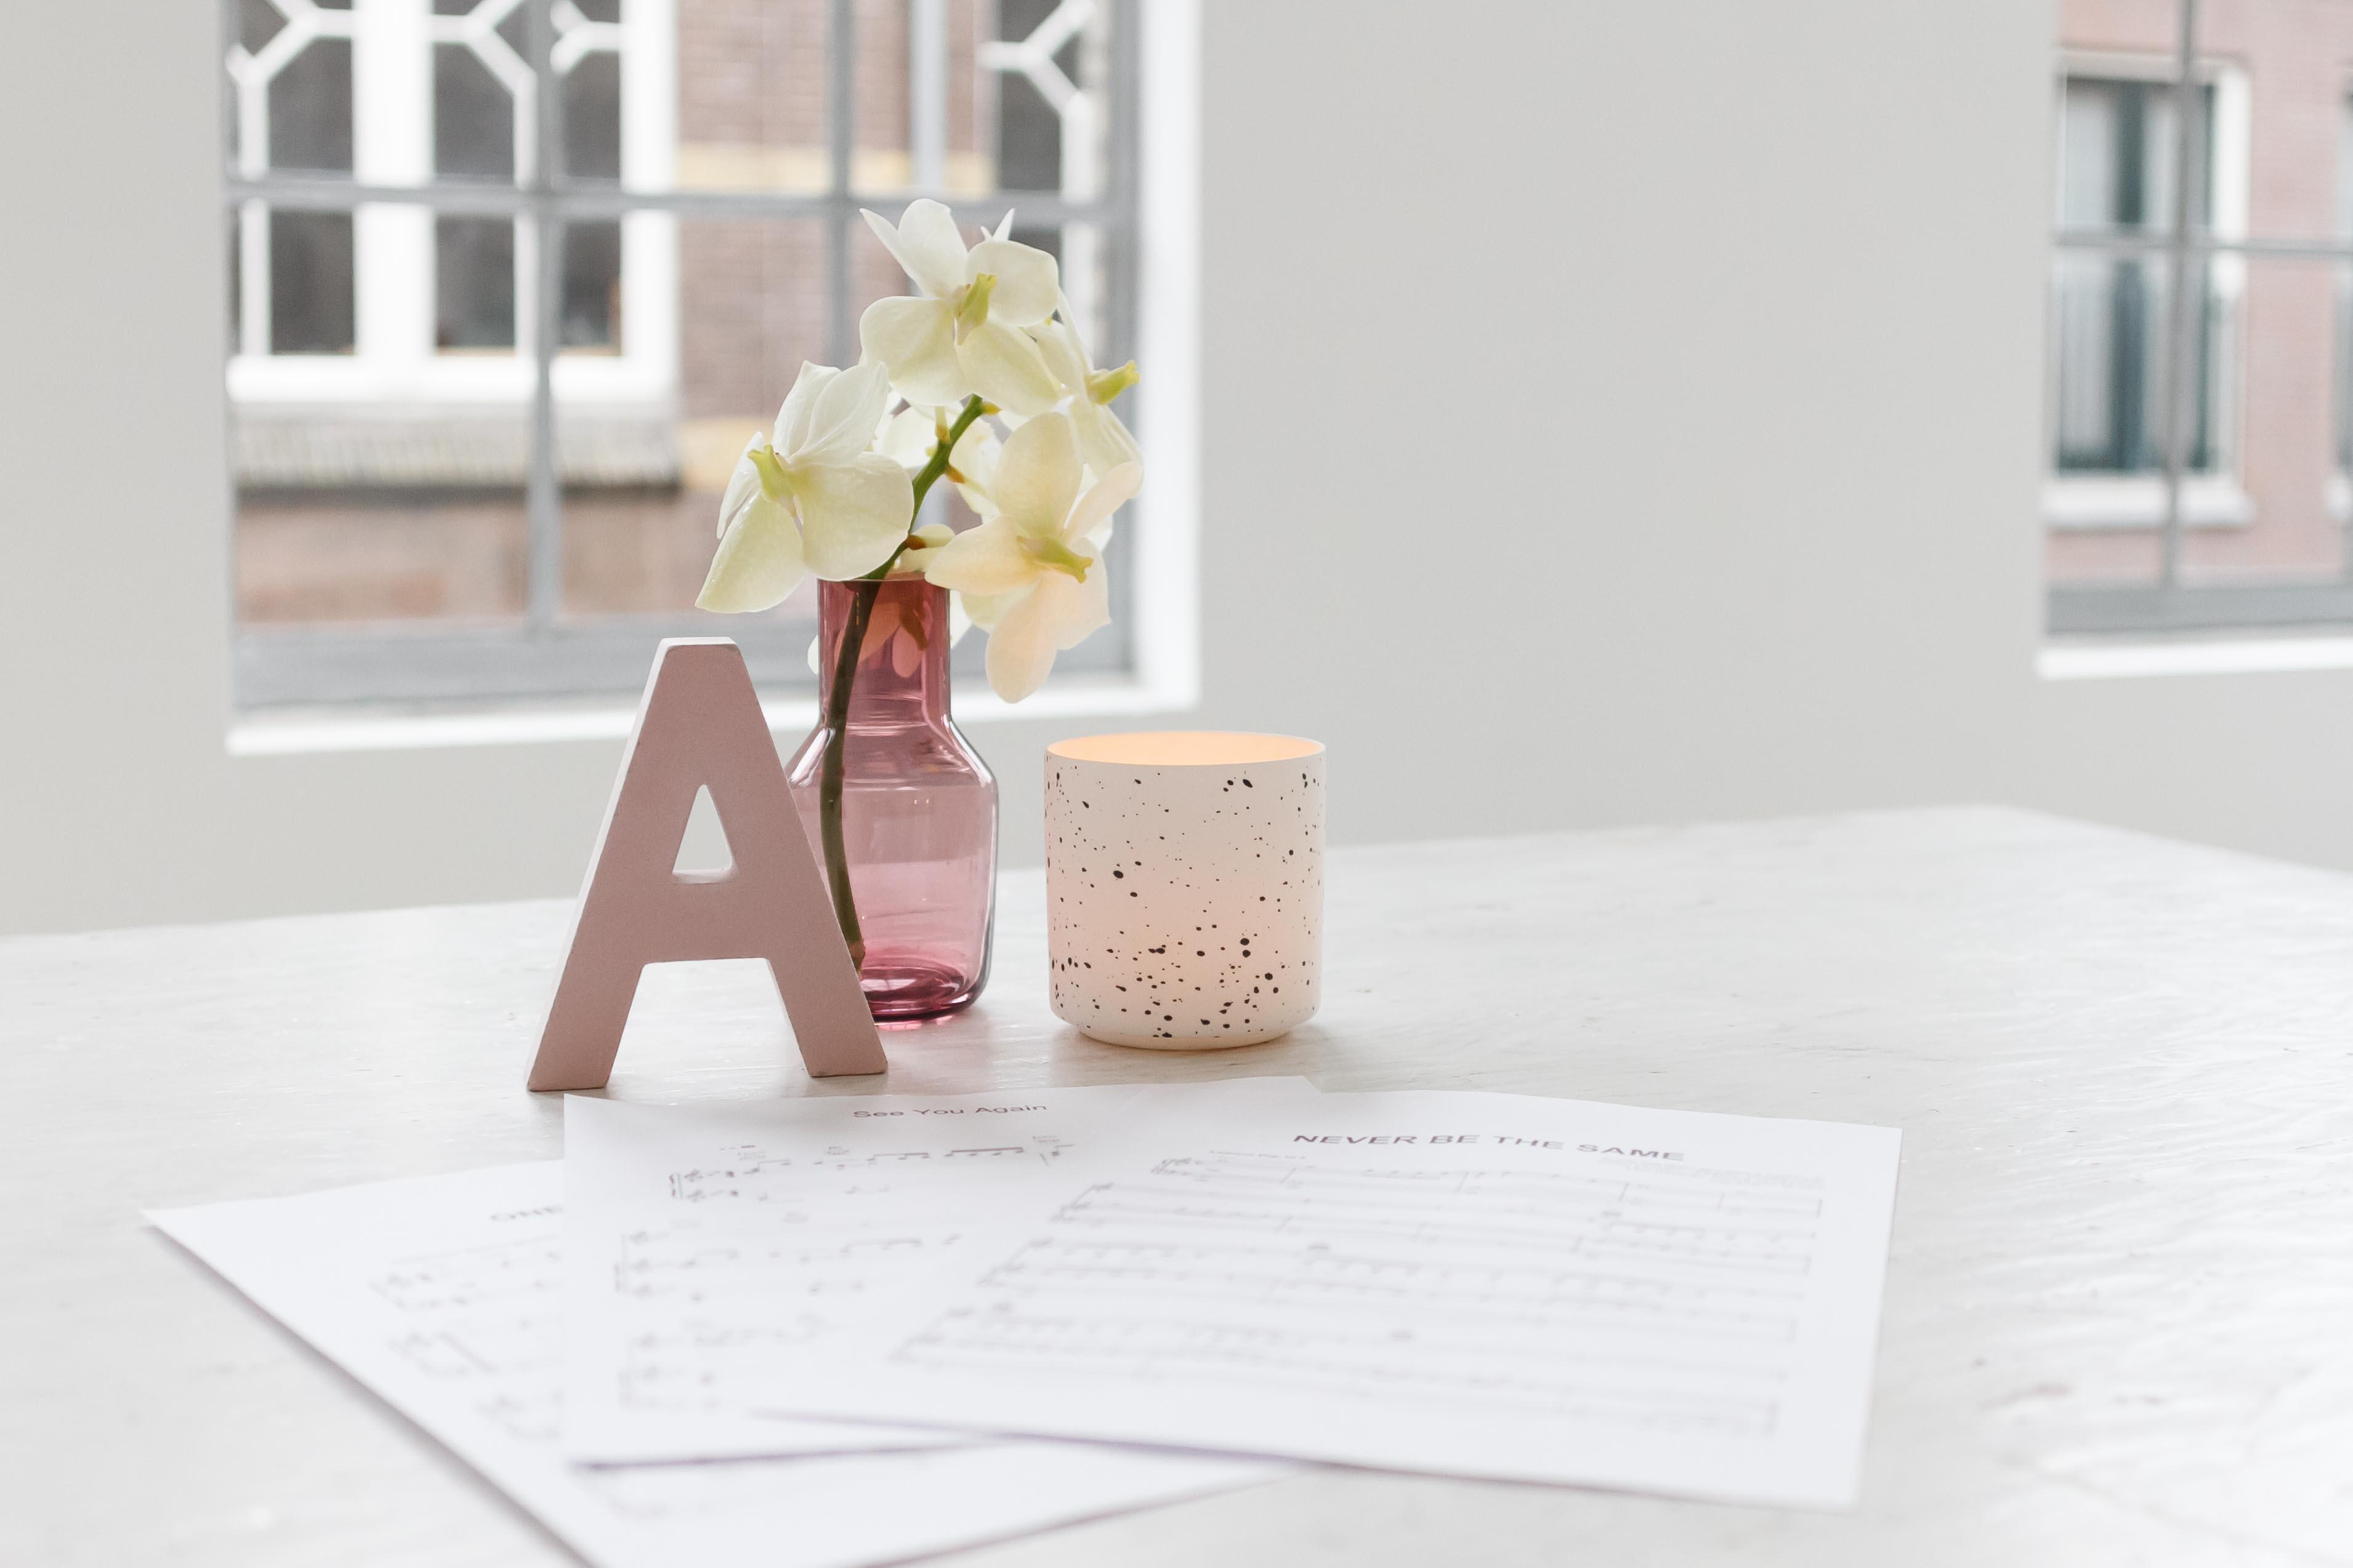 APS-Astrid Erkelens7153-bewerkt